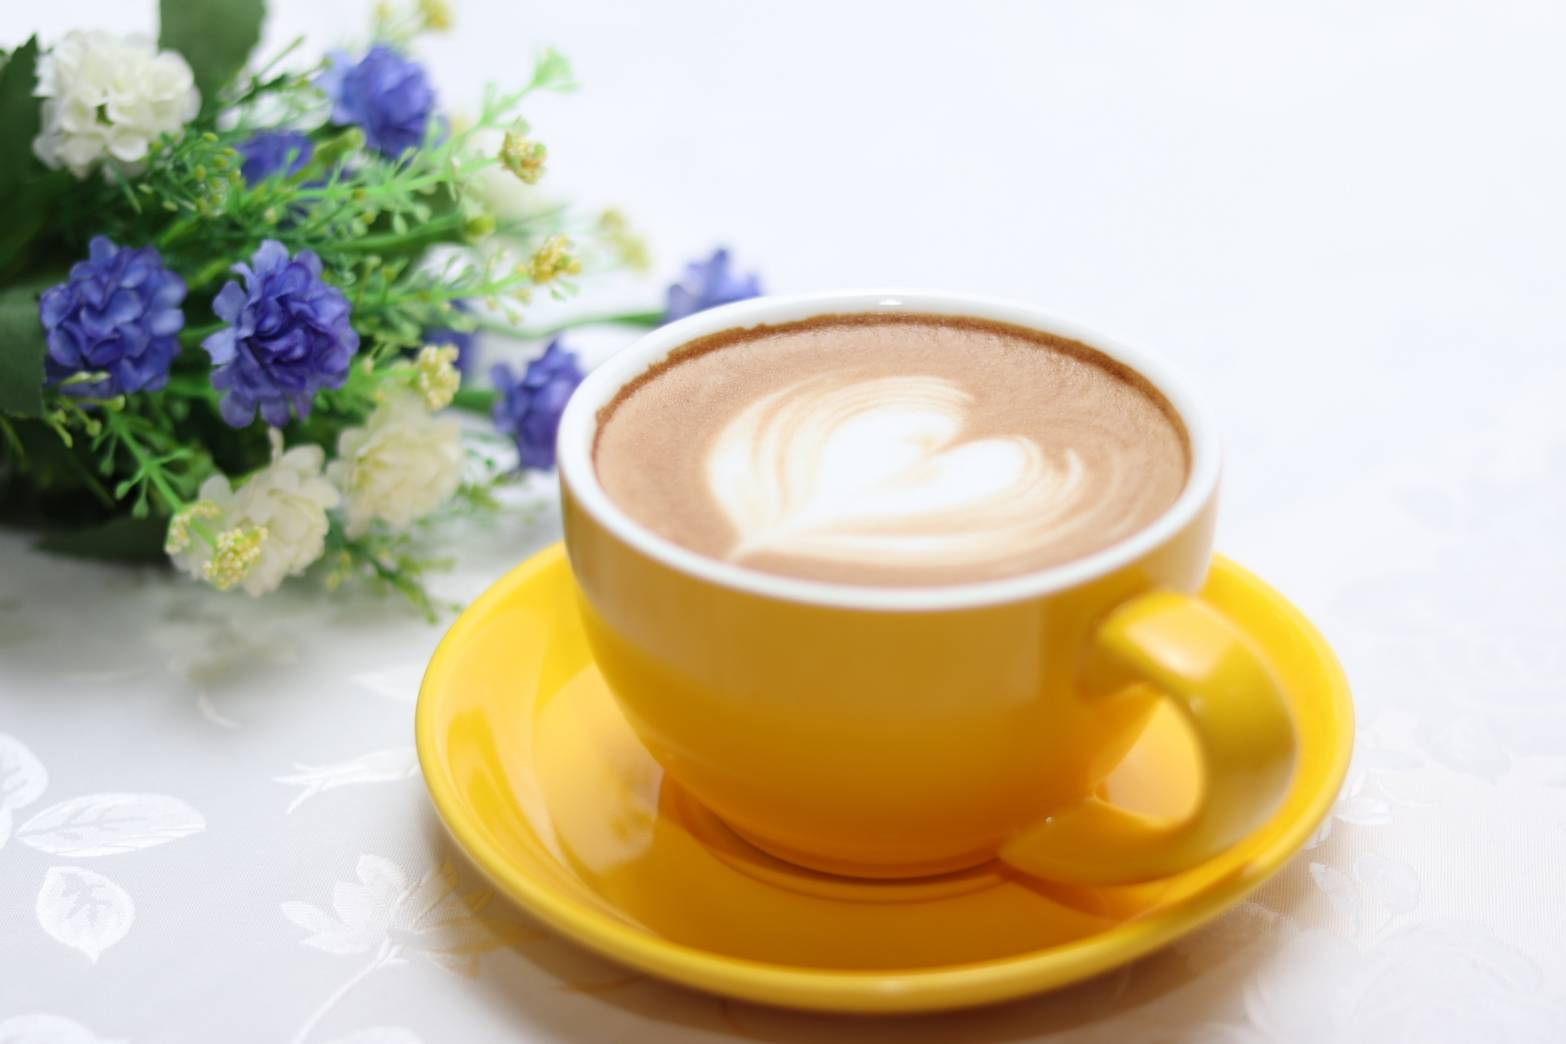 桃園平鎮美食-Lita Cafe 真愛咖啡休憩站-盡點心力關懷失智老人,長照議題值得省思 (邀約) @民宿女王芽月-美食.旅遊.全台趴趴走